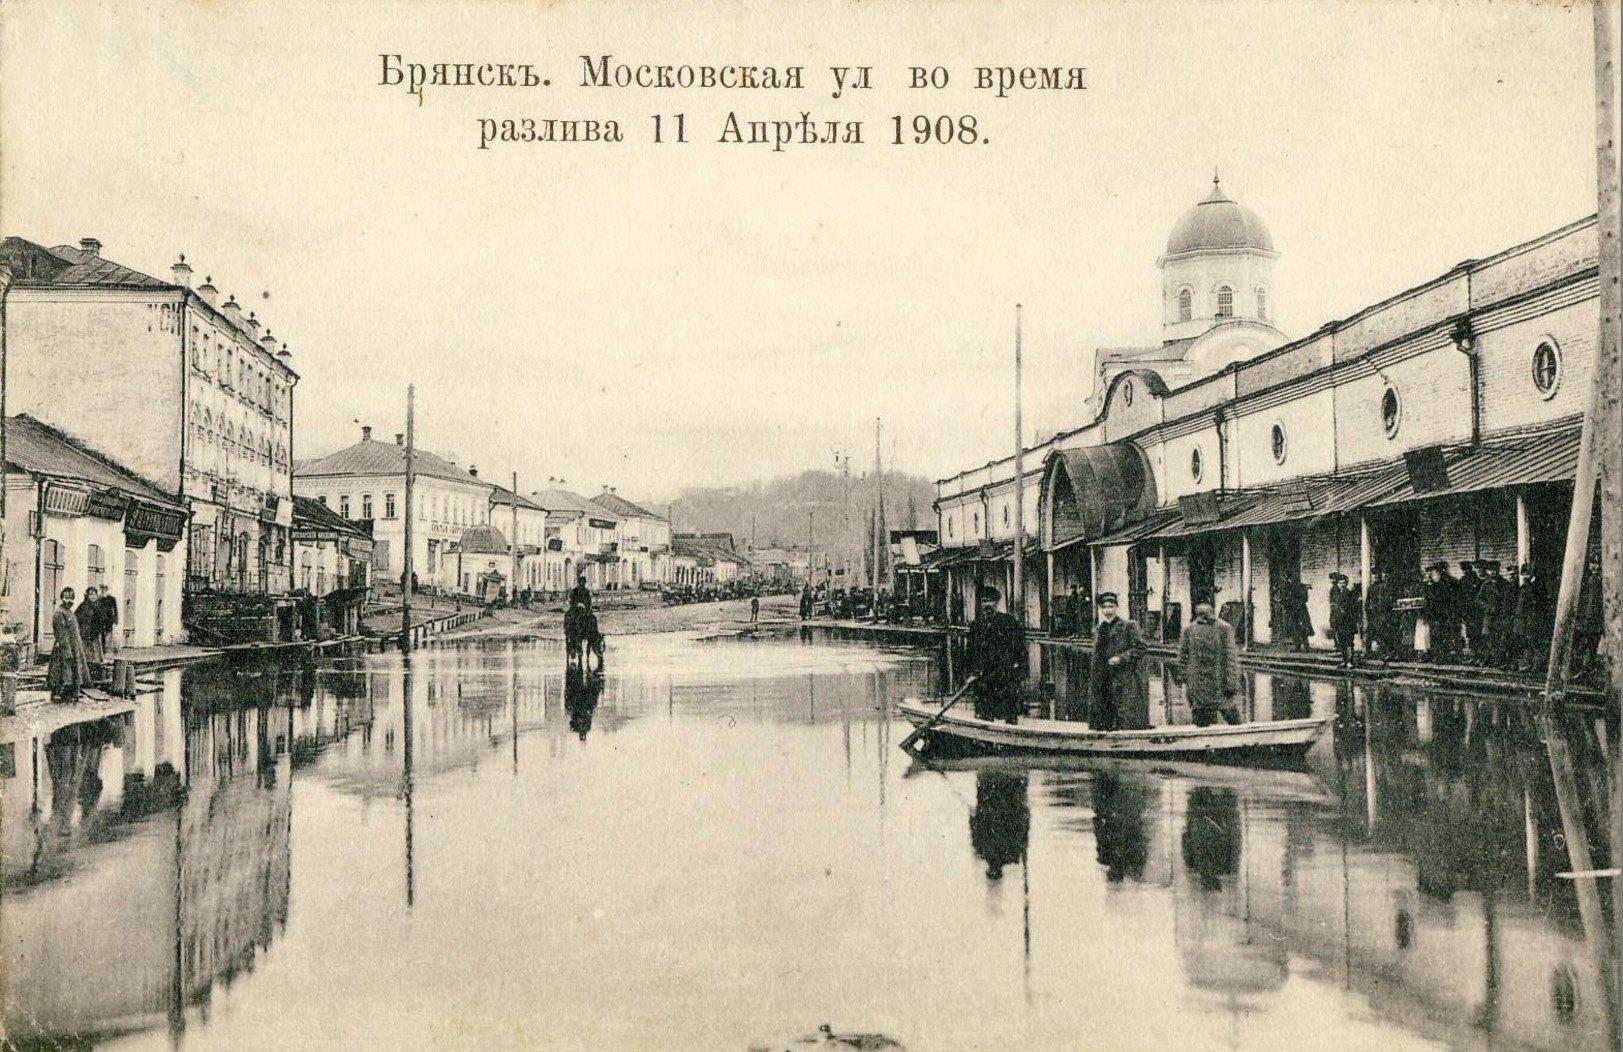 Московская улица во время разлива 11 апреля 1908 года